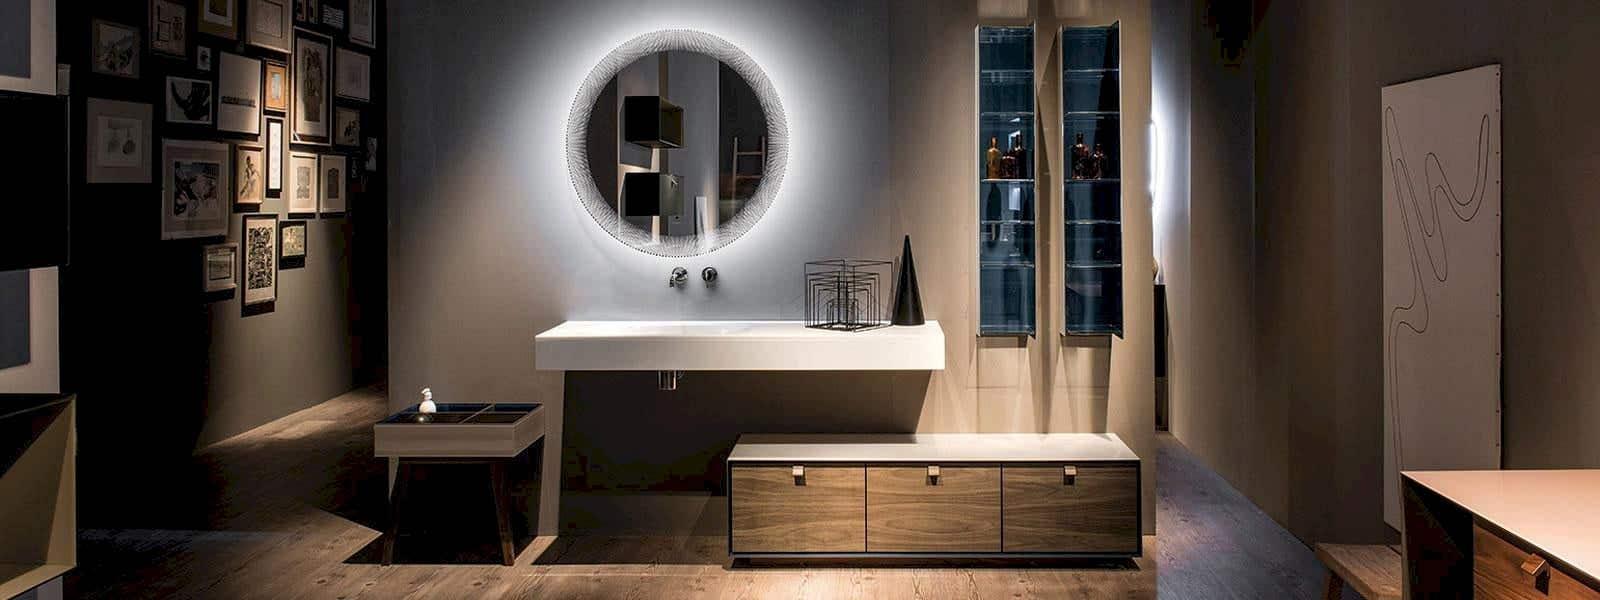 Holz in der Hütte – für mehr Natürlichkeit im Bad | elements ...